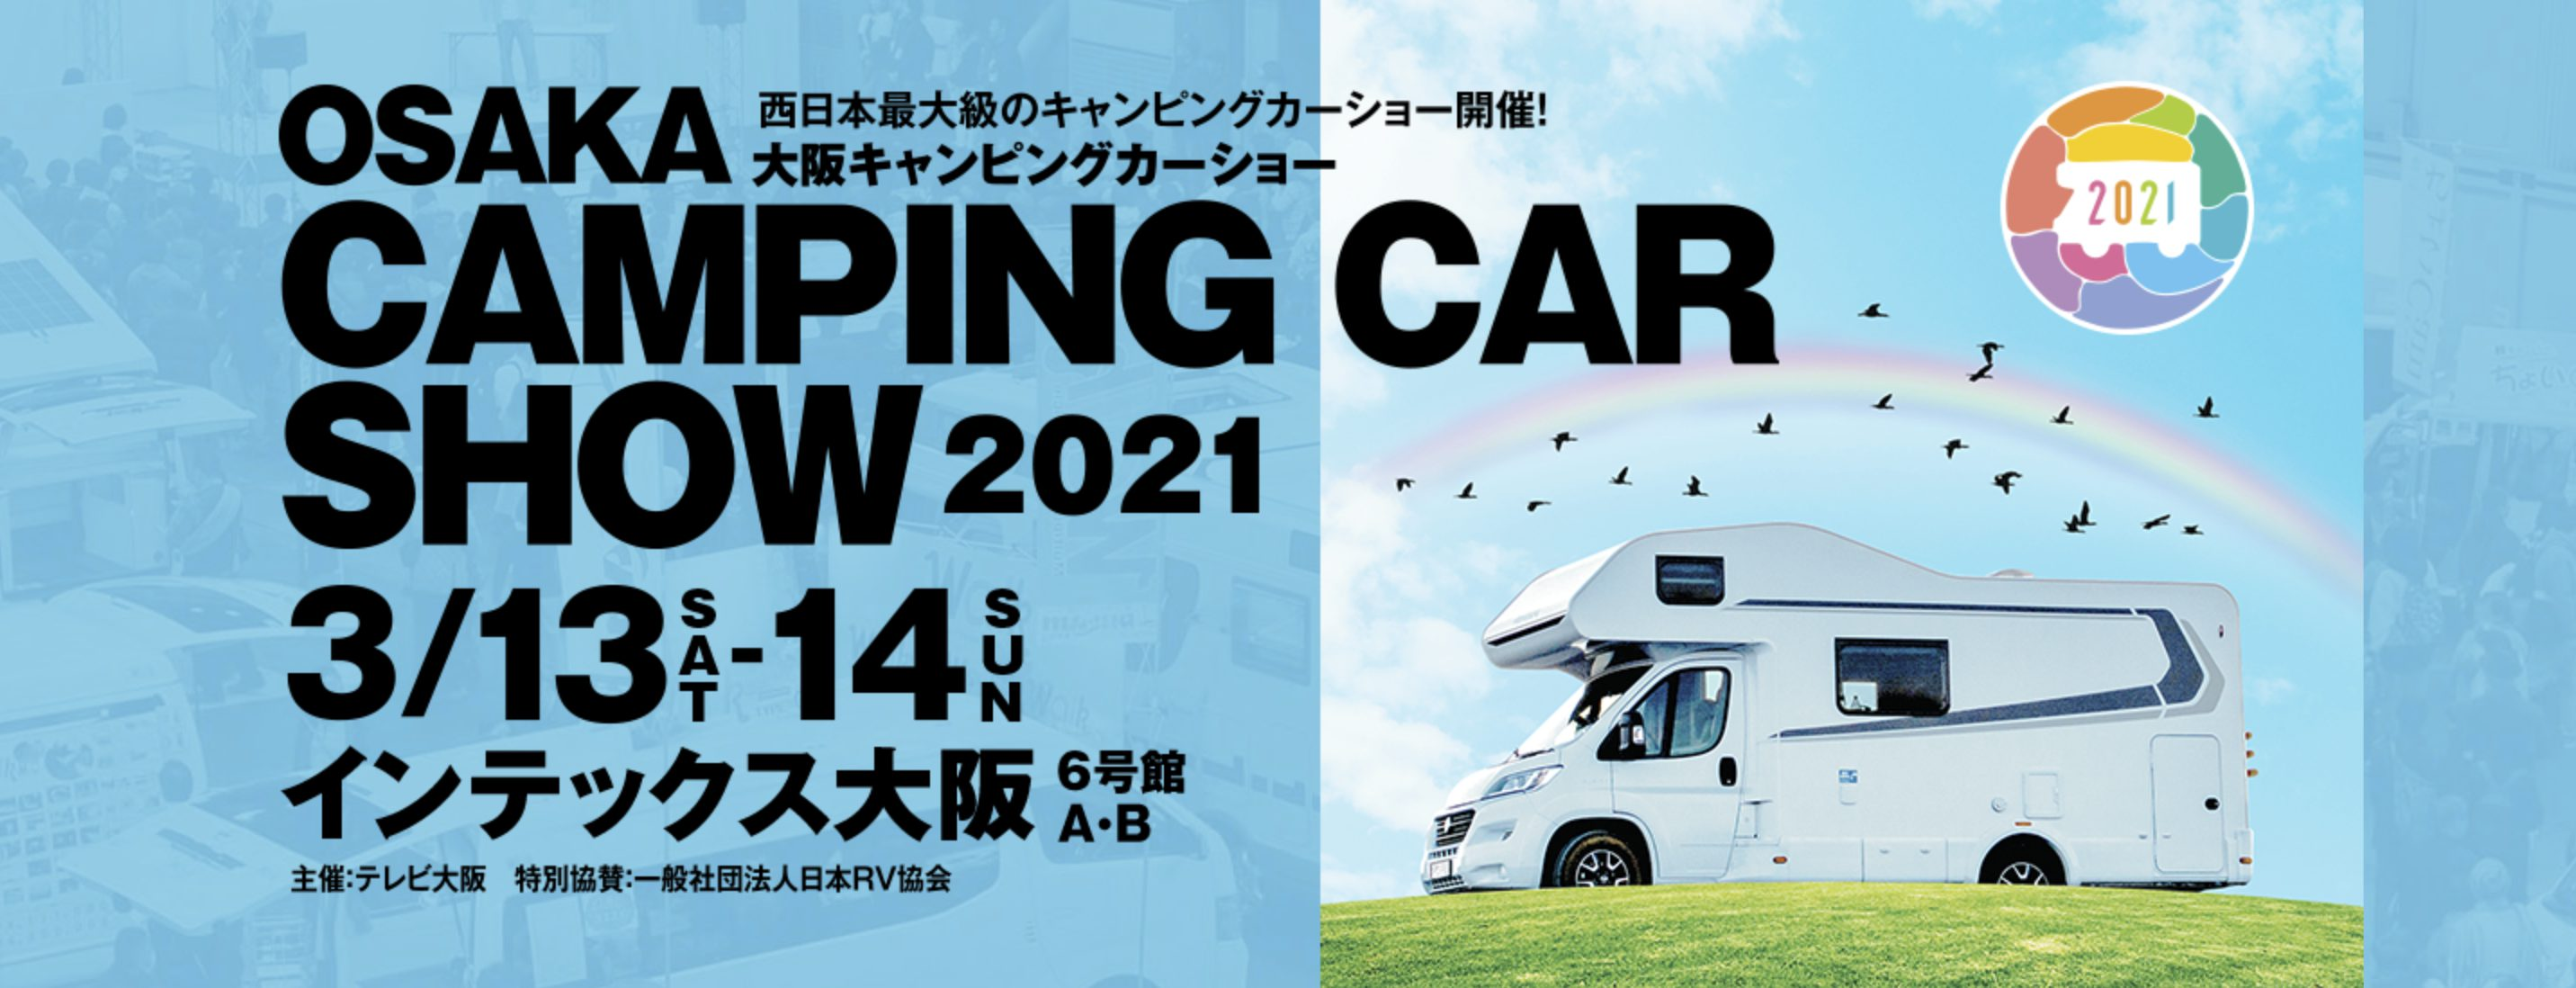 大阪キャンピングカーショー2021に参加します!